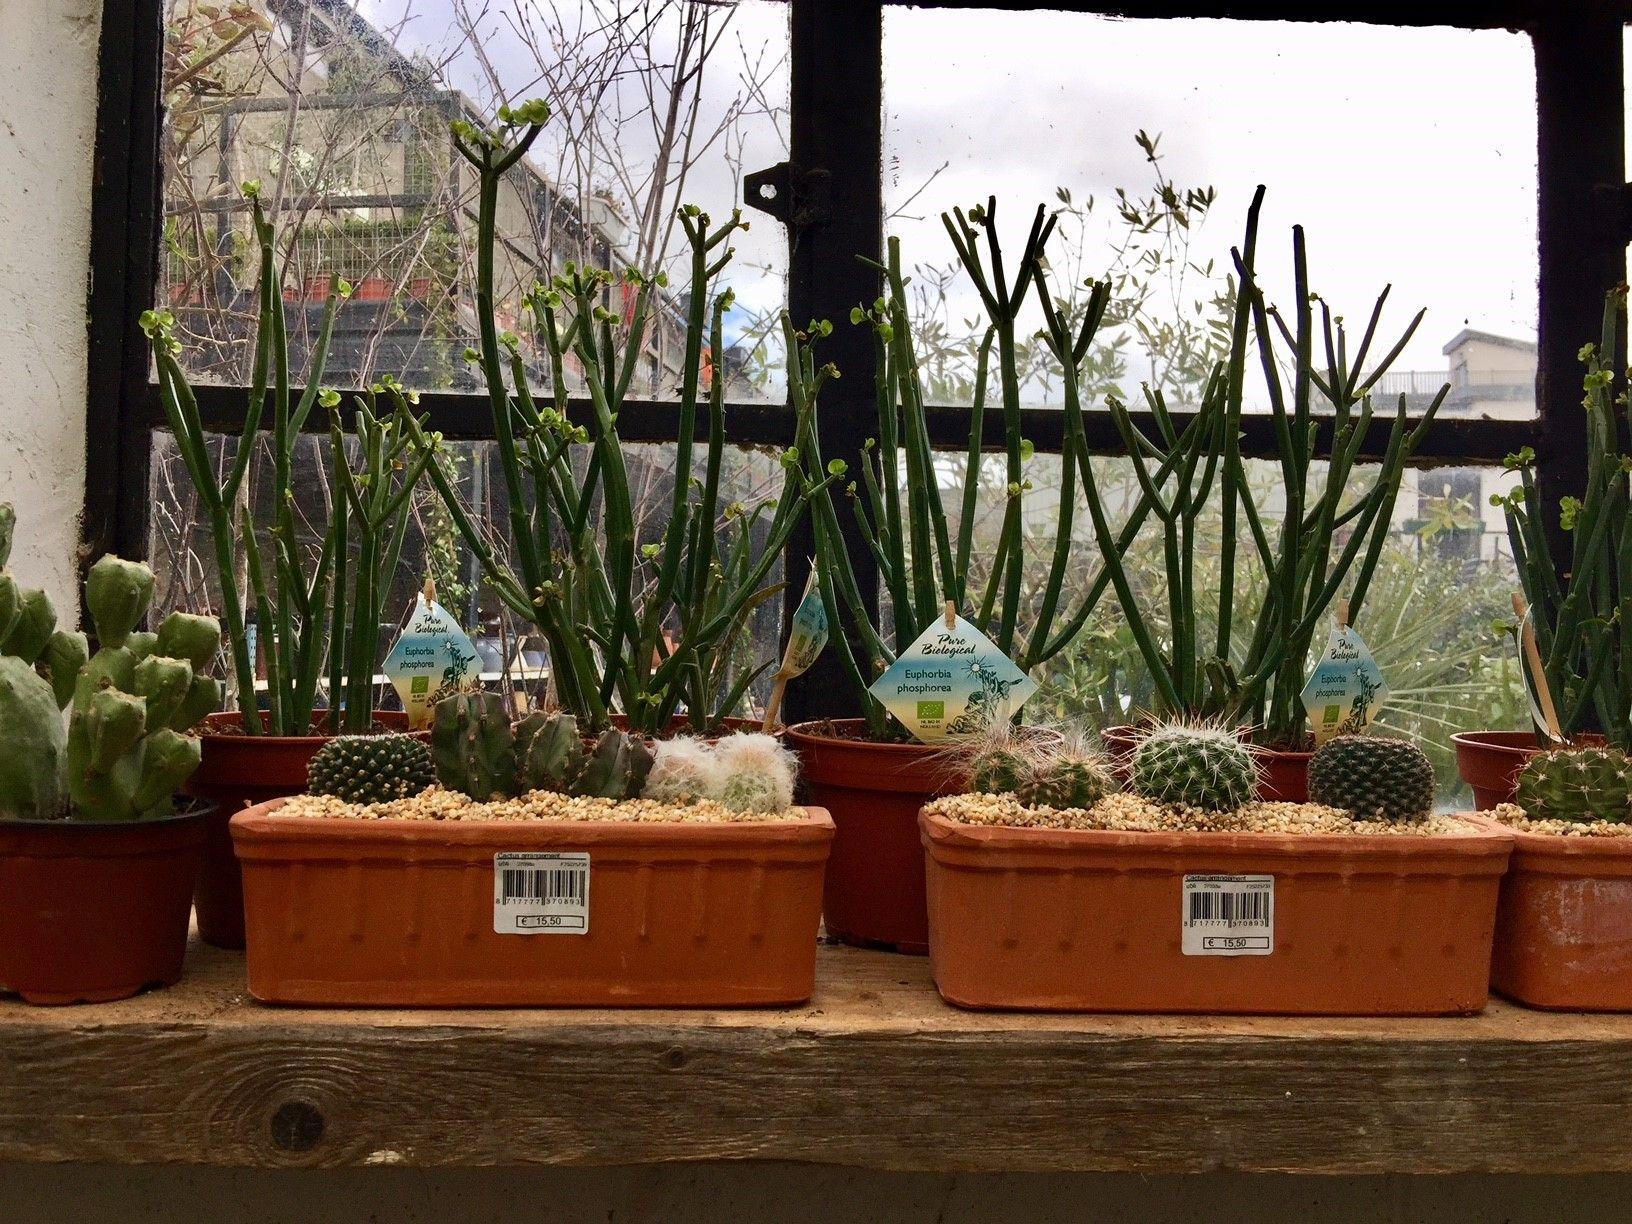 Cactus Window Box Cacti Succulents Indoorplants Urban Plant